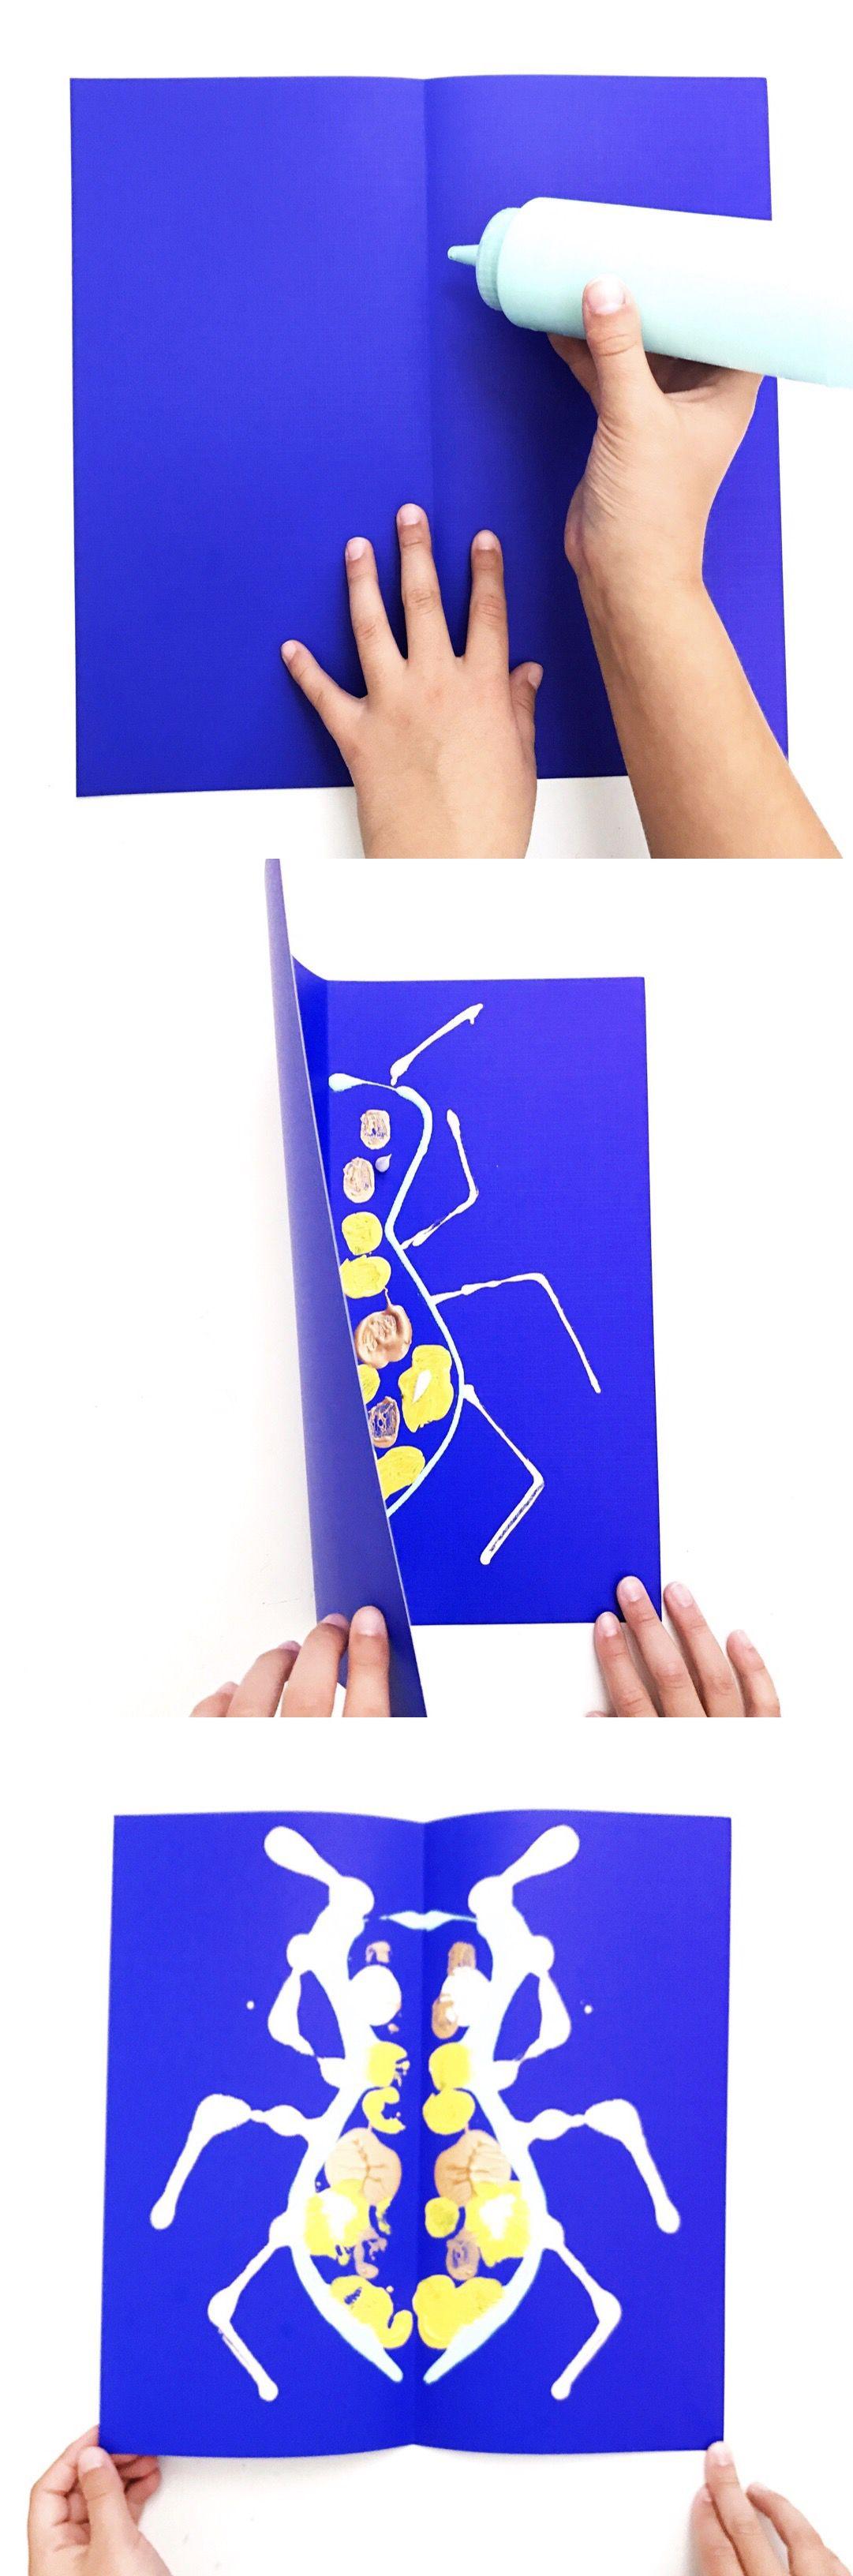 Ink Blot Bugs | Art Camp Blog | Kids printmaking, Art